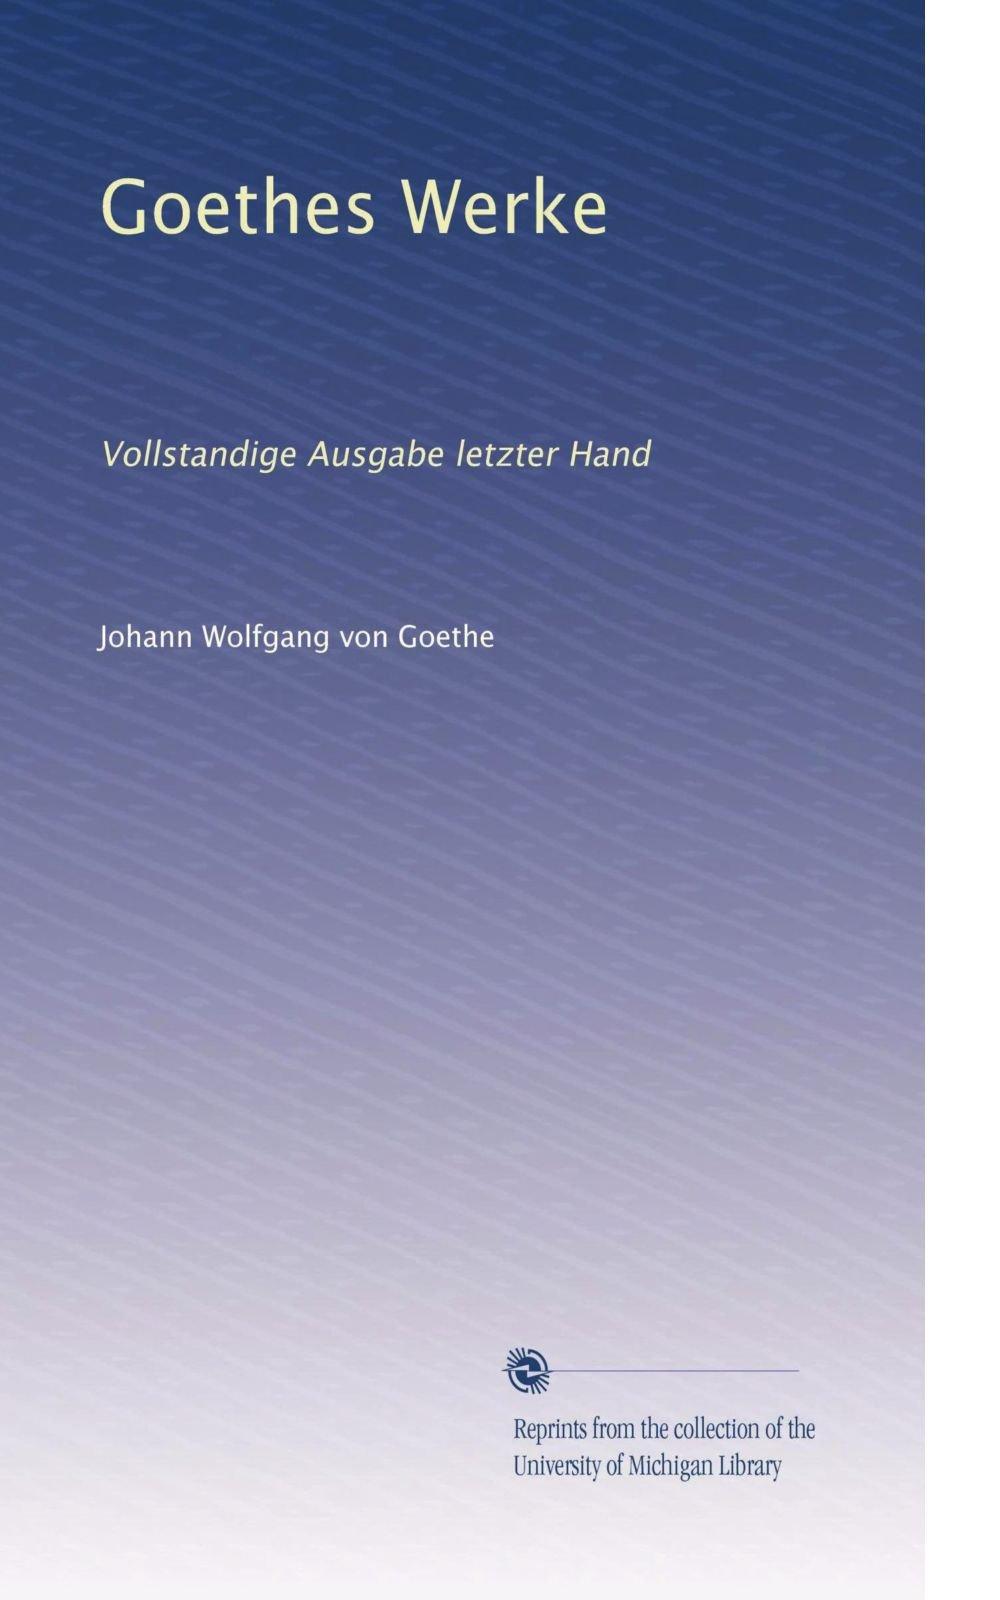 Download Goethes Werke: Vollstandige Ausgabe letzter Hand (Volume 30) (German Edition) PDF